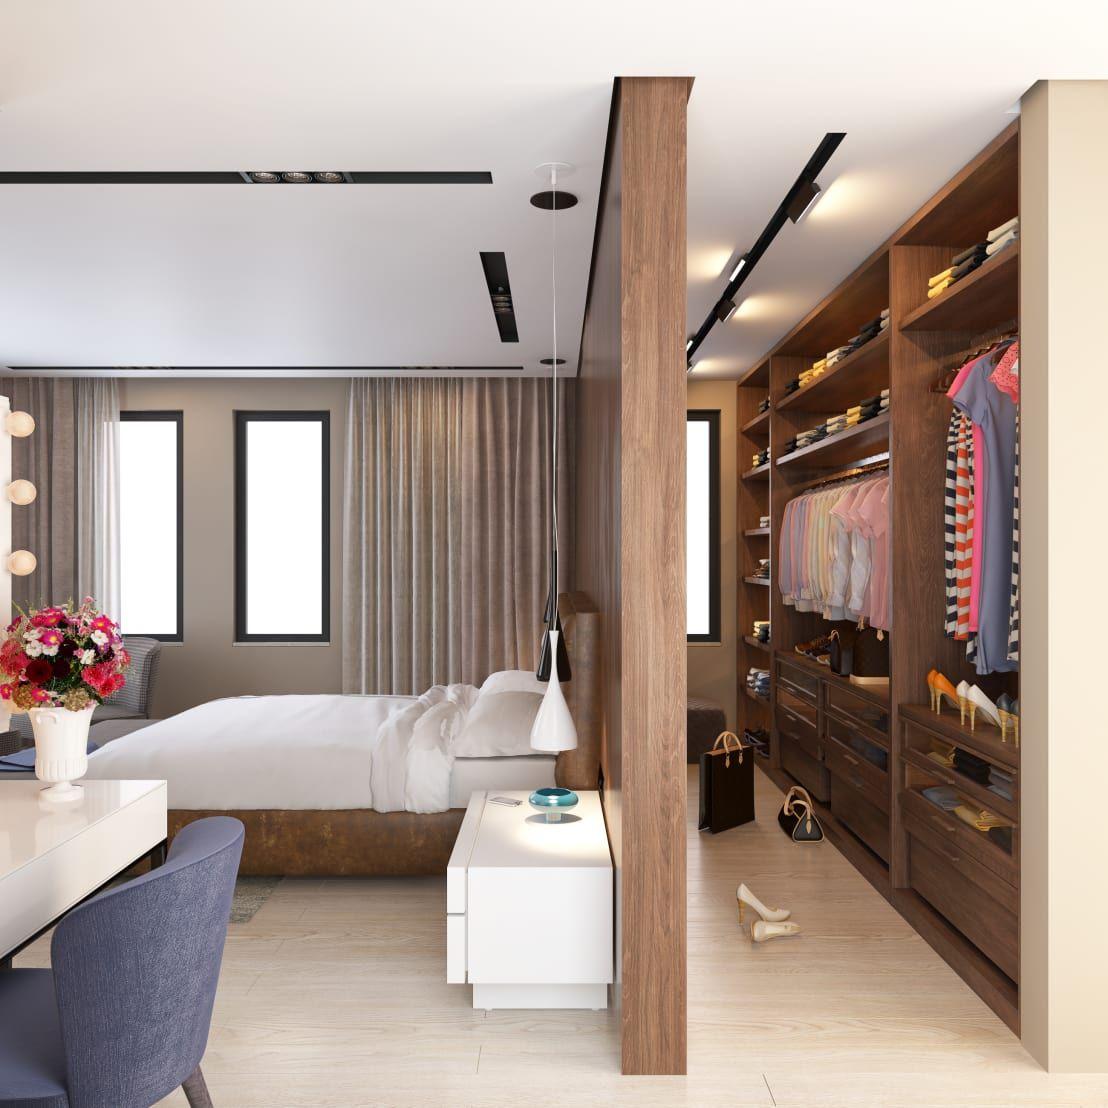 Mein traum schlafzimmer  Wie kann ich einen begehbaren Kleiderschrank in mein Schlafzimmer ...